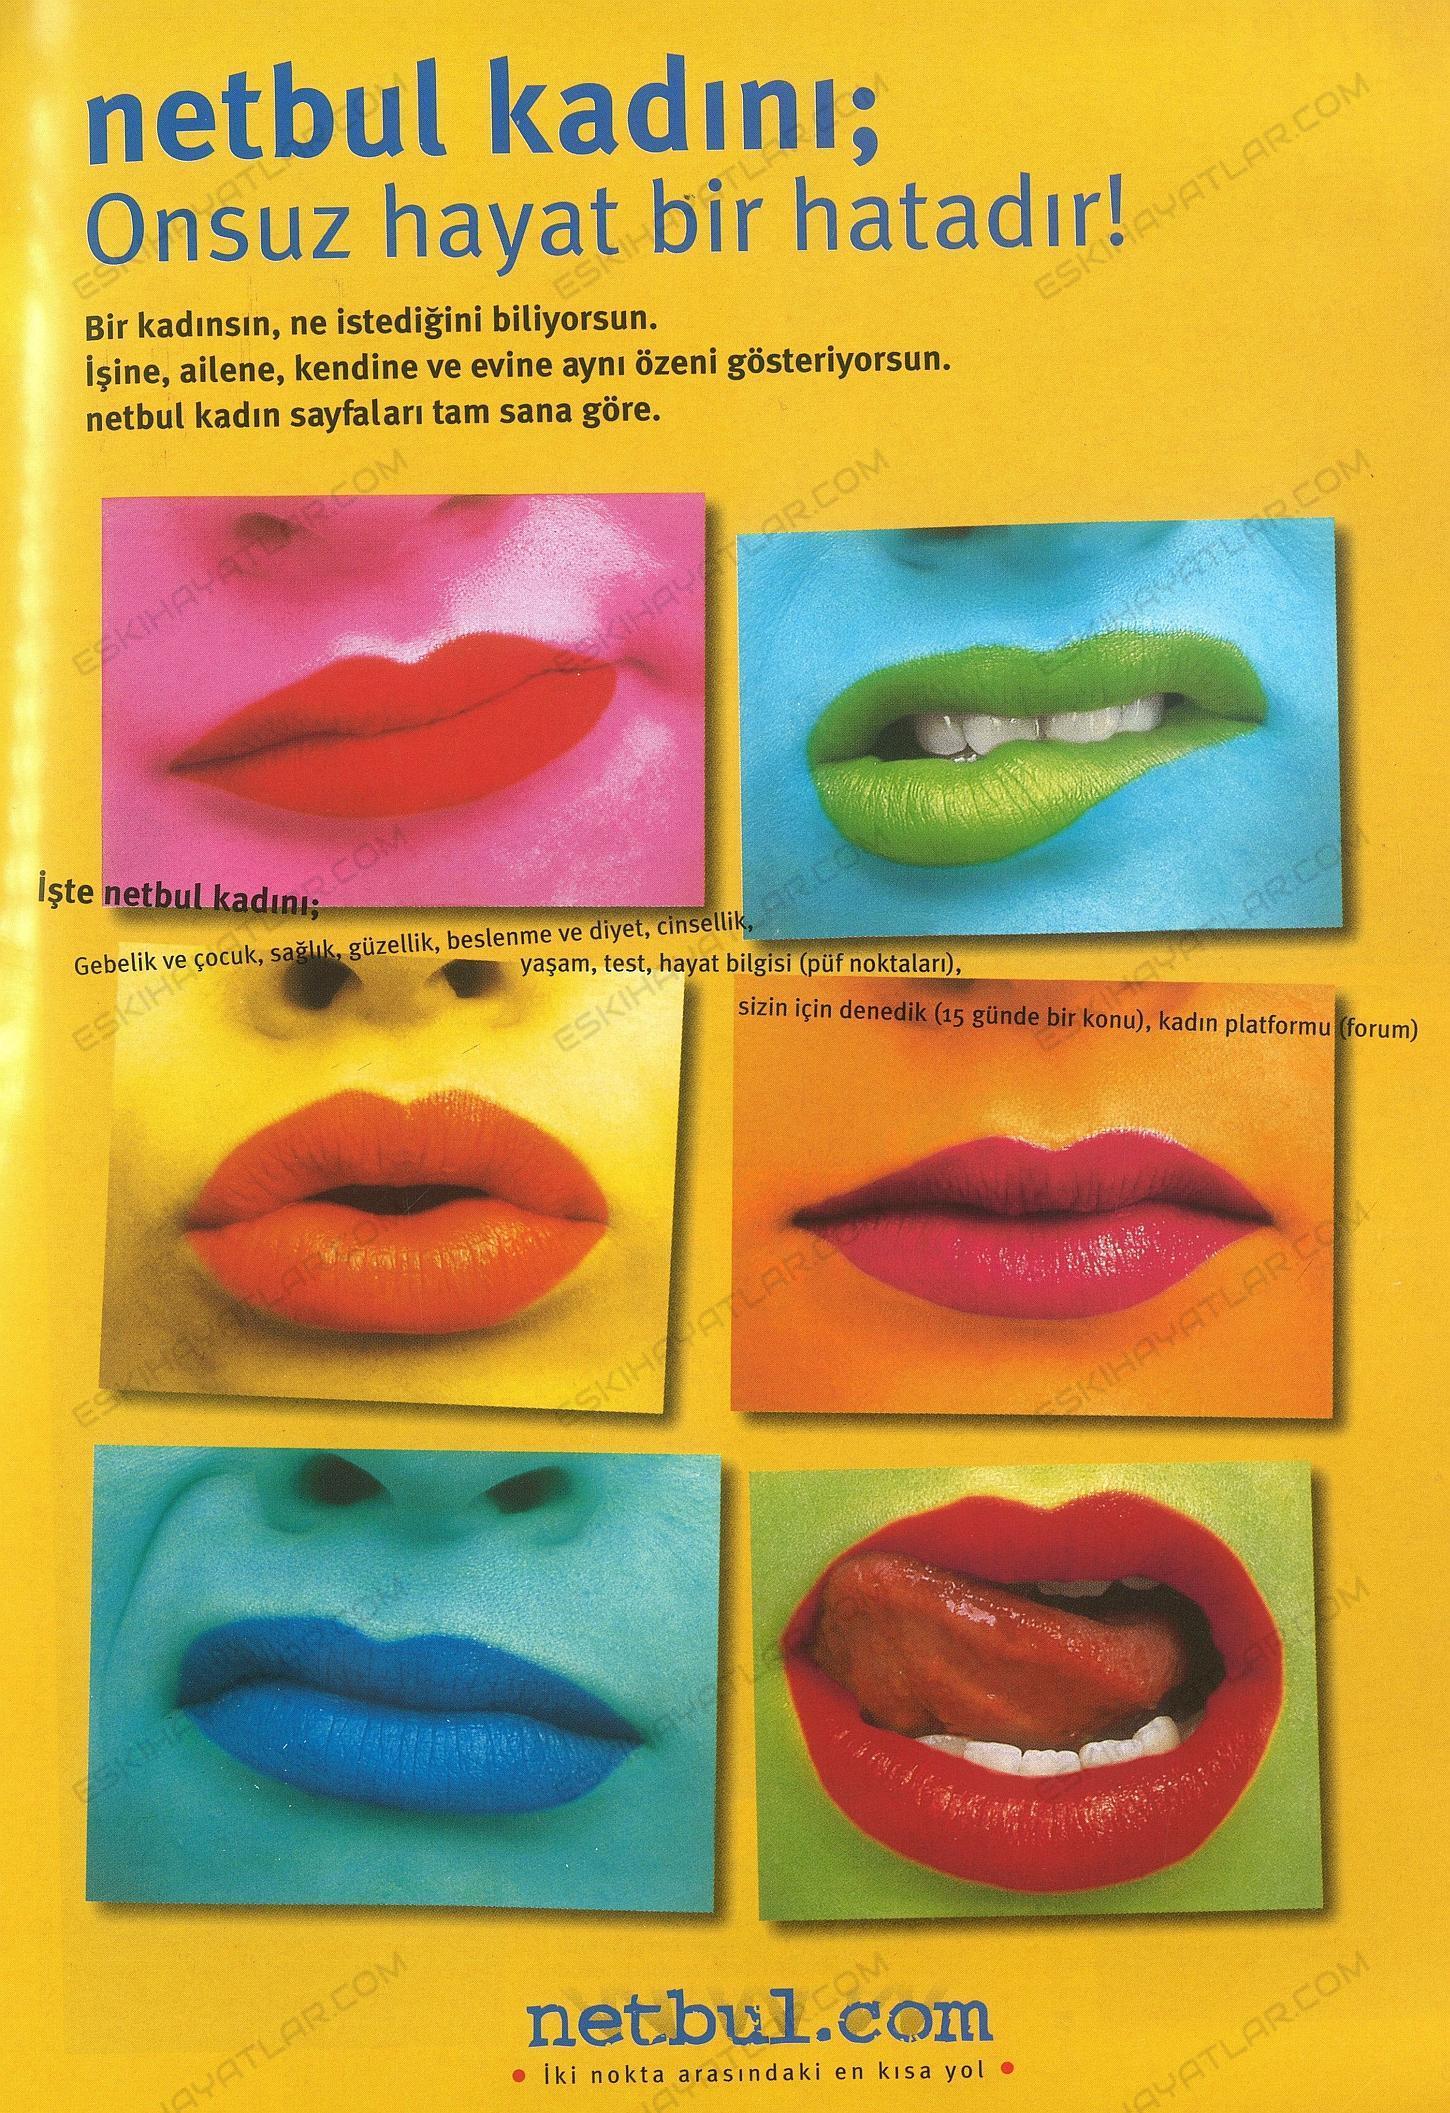 0451-netbul-kadini-onsuz-hayat-bir-hatadir-netbul-com-reklamlari